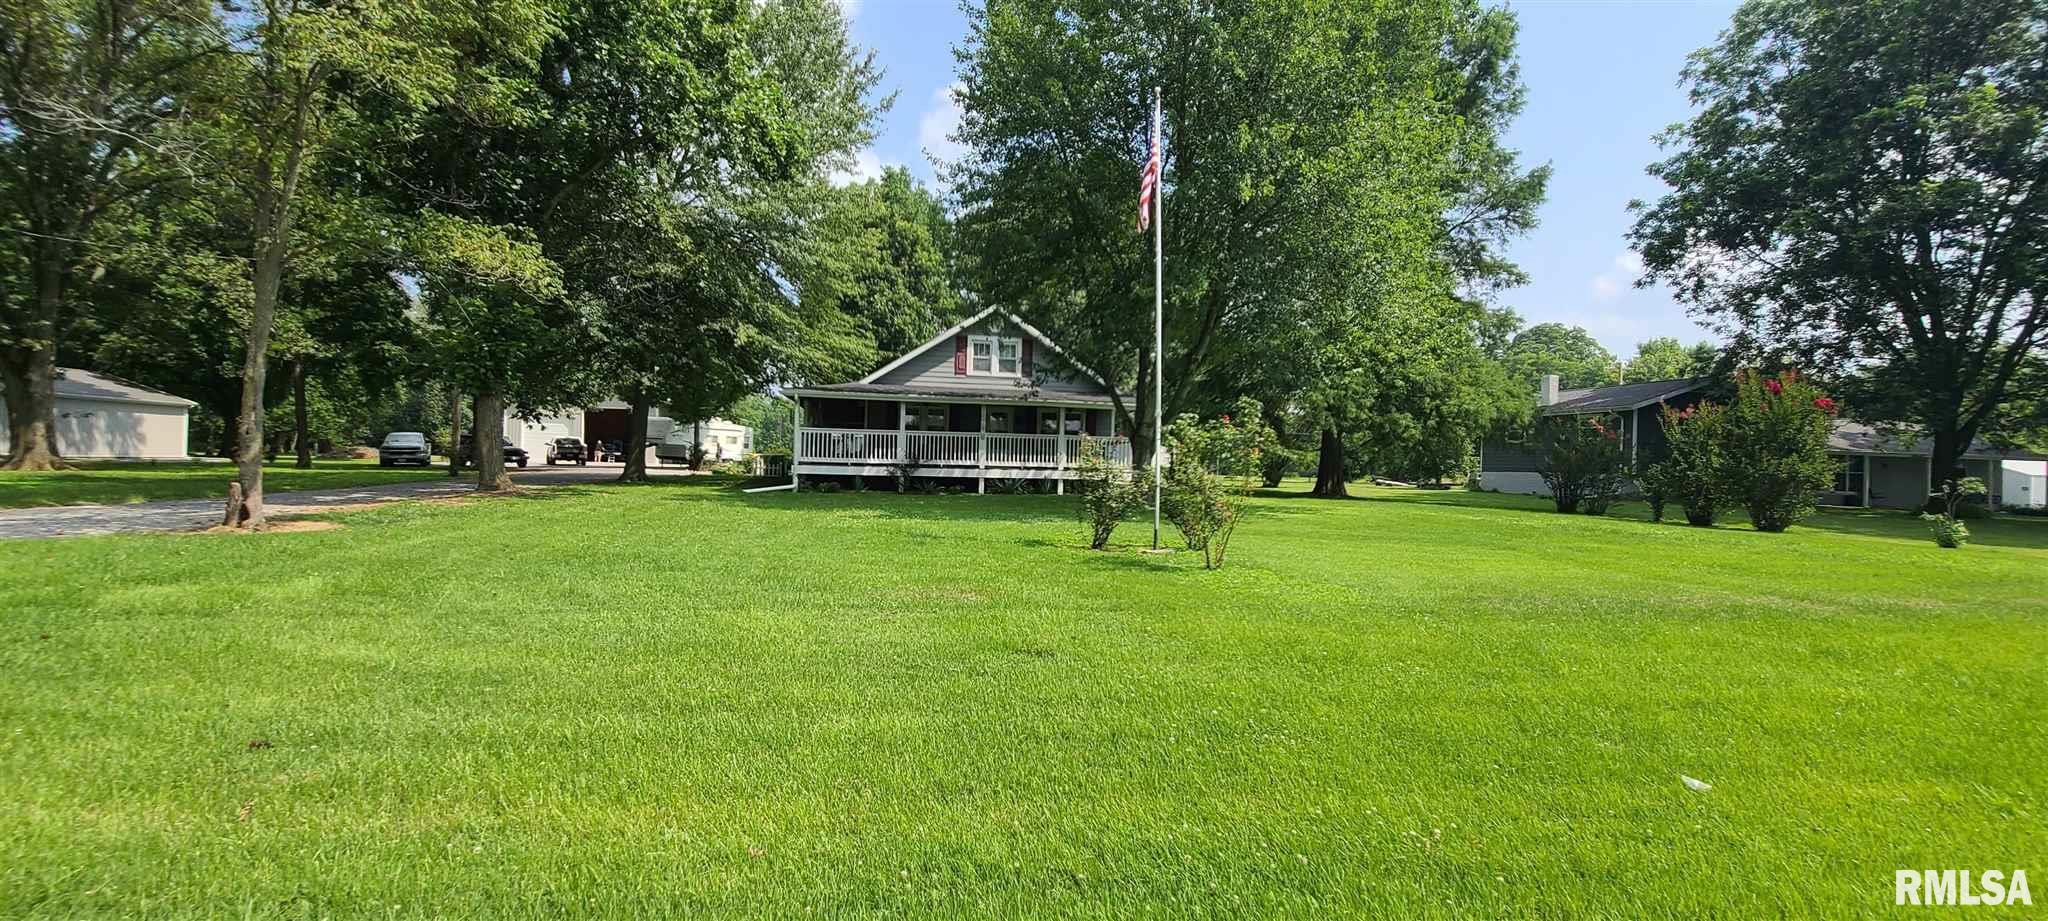 205 W Smith Street Property Photo 1